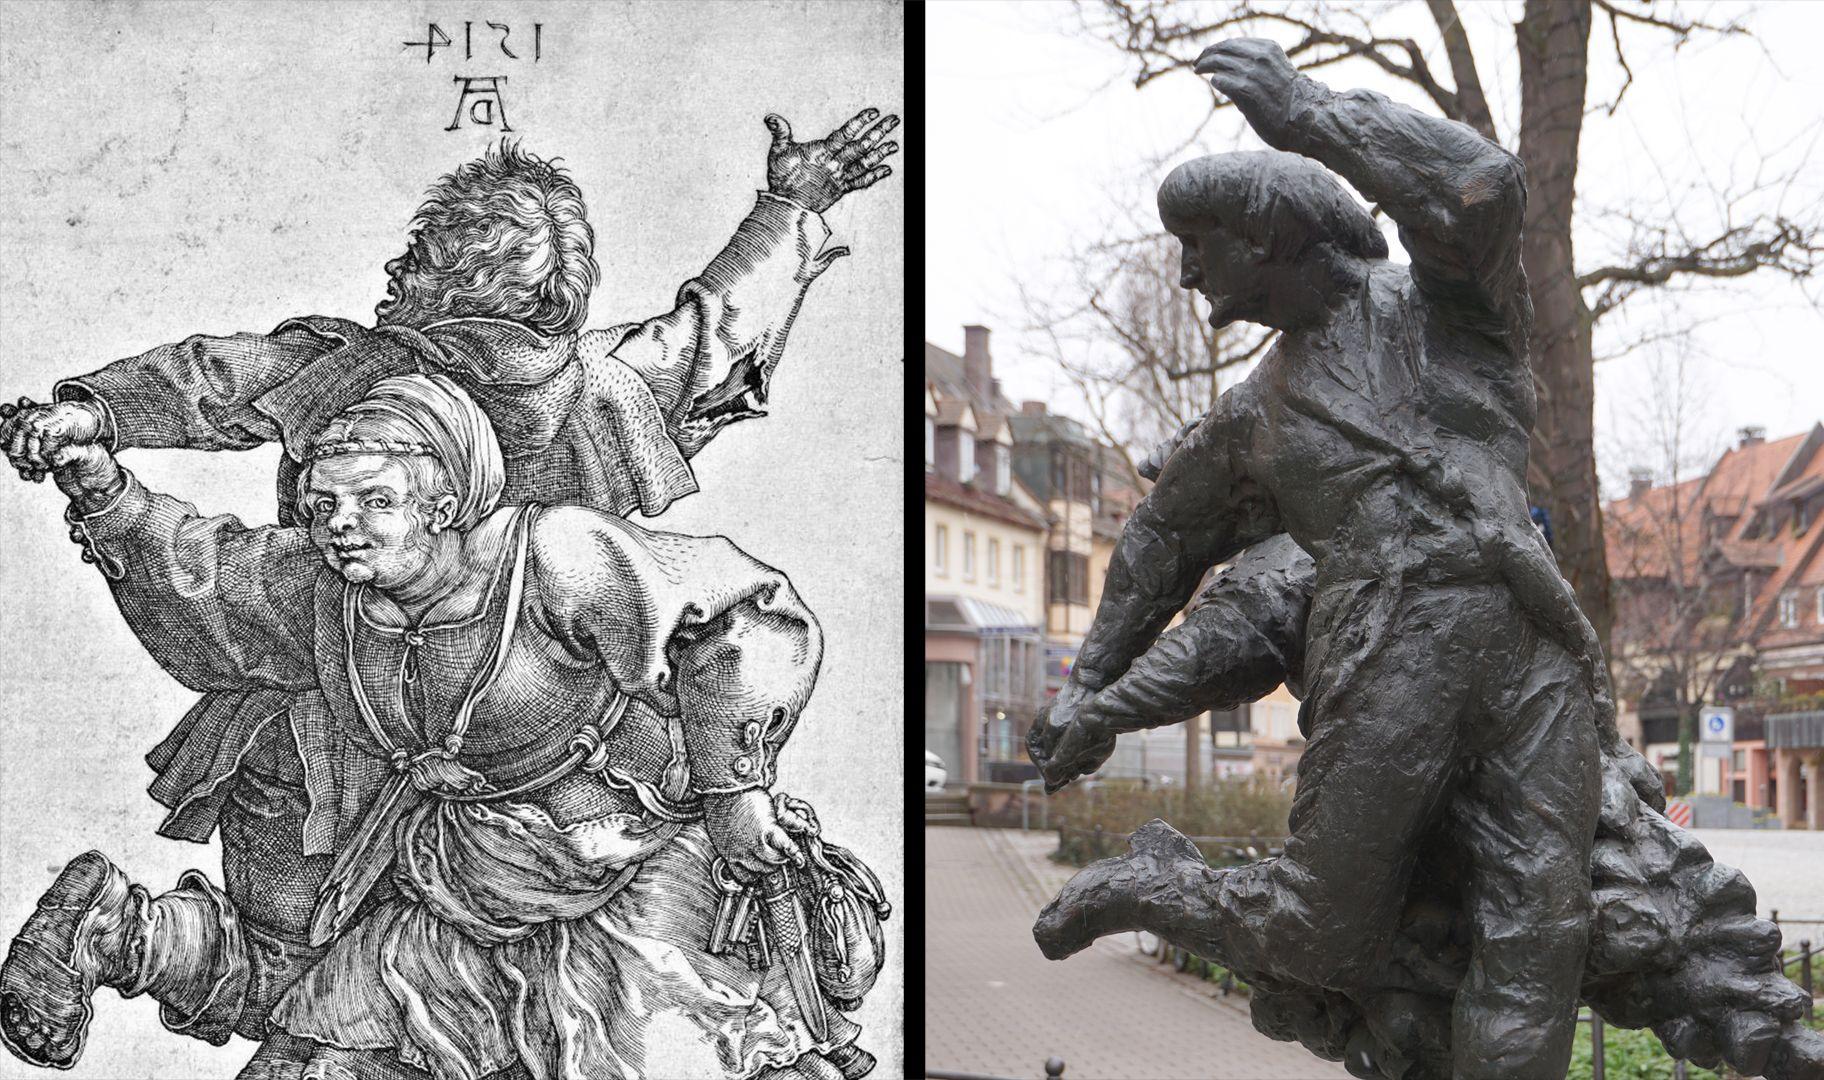 Tanzendes Bauernpaar Bildvergleich: Kupferstich (hier horizontal gespiegelt) von Dürer aus dem Jahre 1514 mit der ausgeführten Skulptur